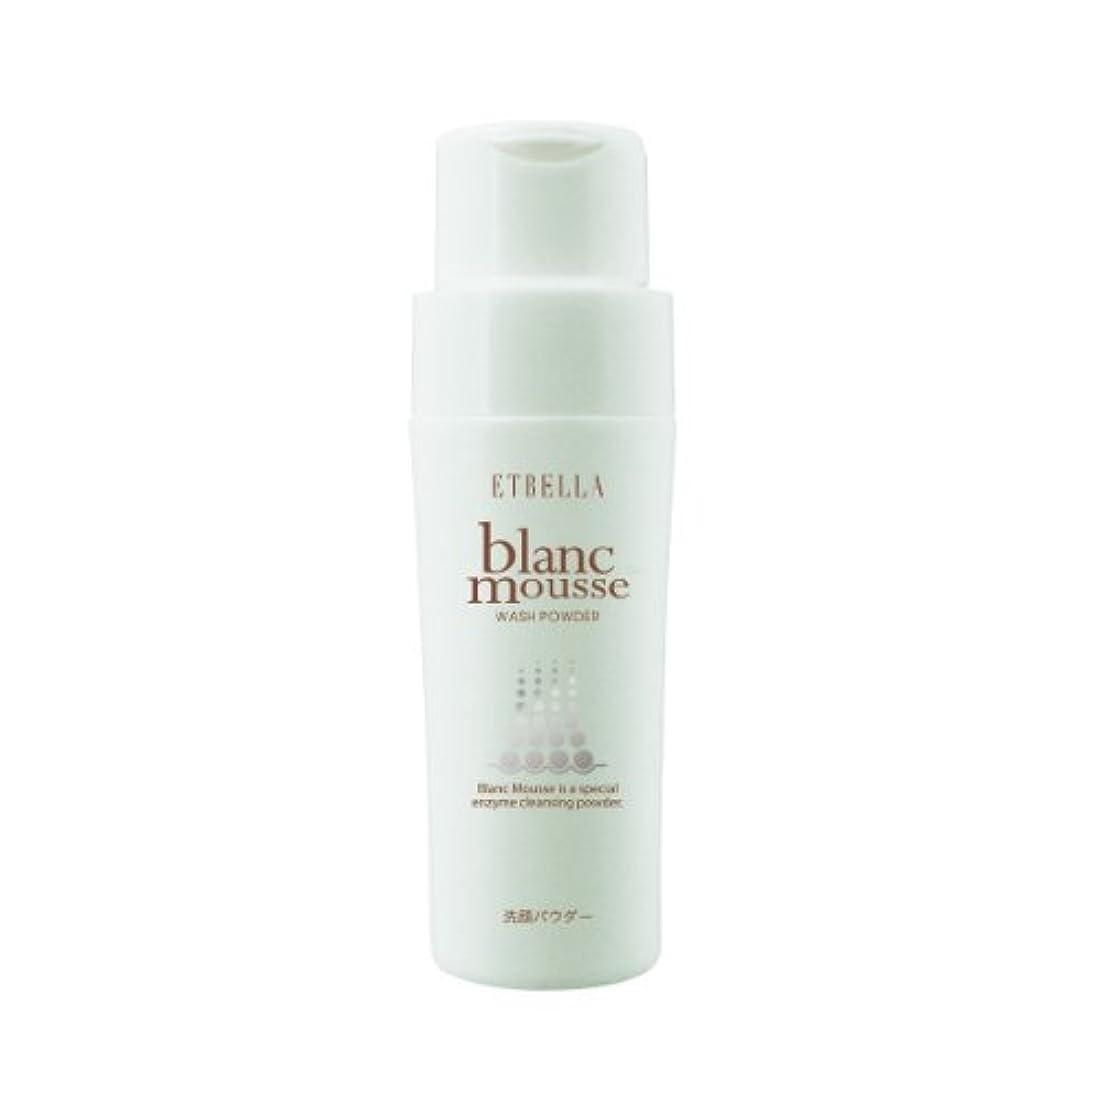 ブランムース酵素洗顔パウダー 60g